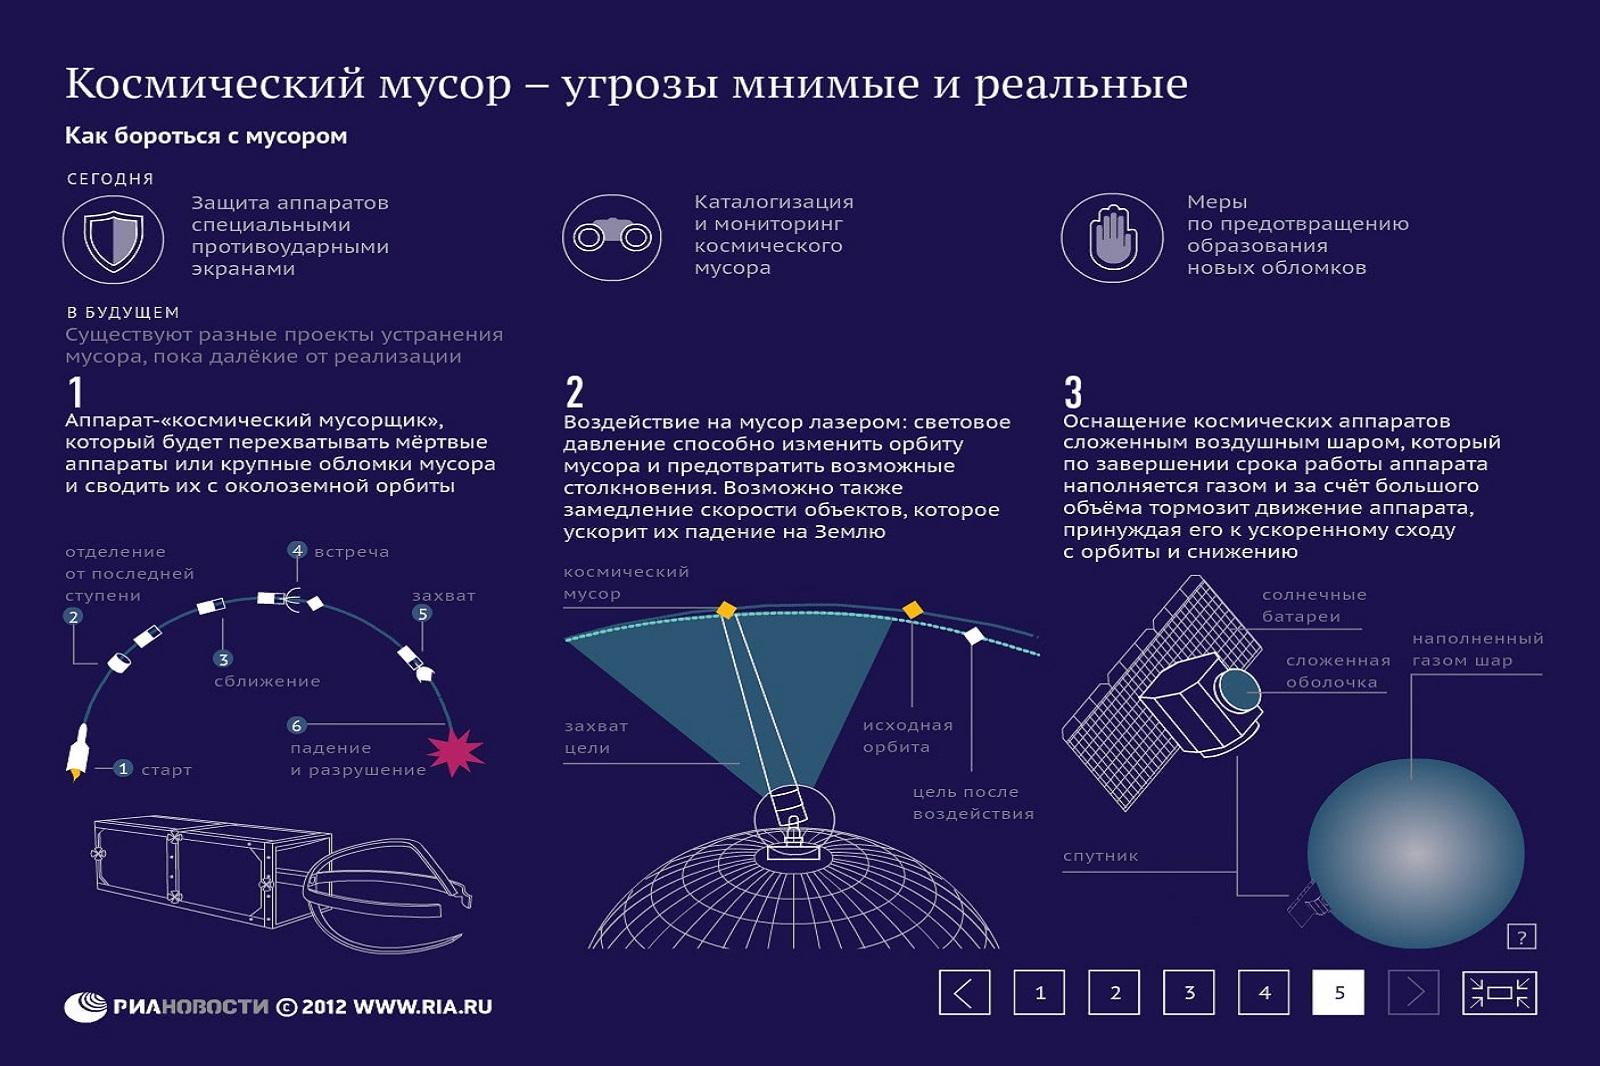 托木斯克国立大学物理系科学家的项目将有助于清除太空碎片和月球探索插图-小狮座俄罗斯留学